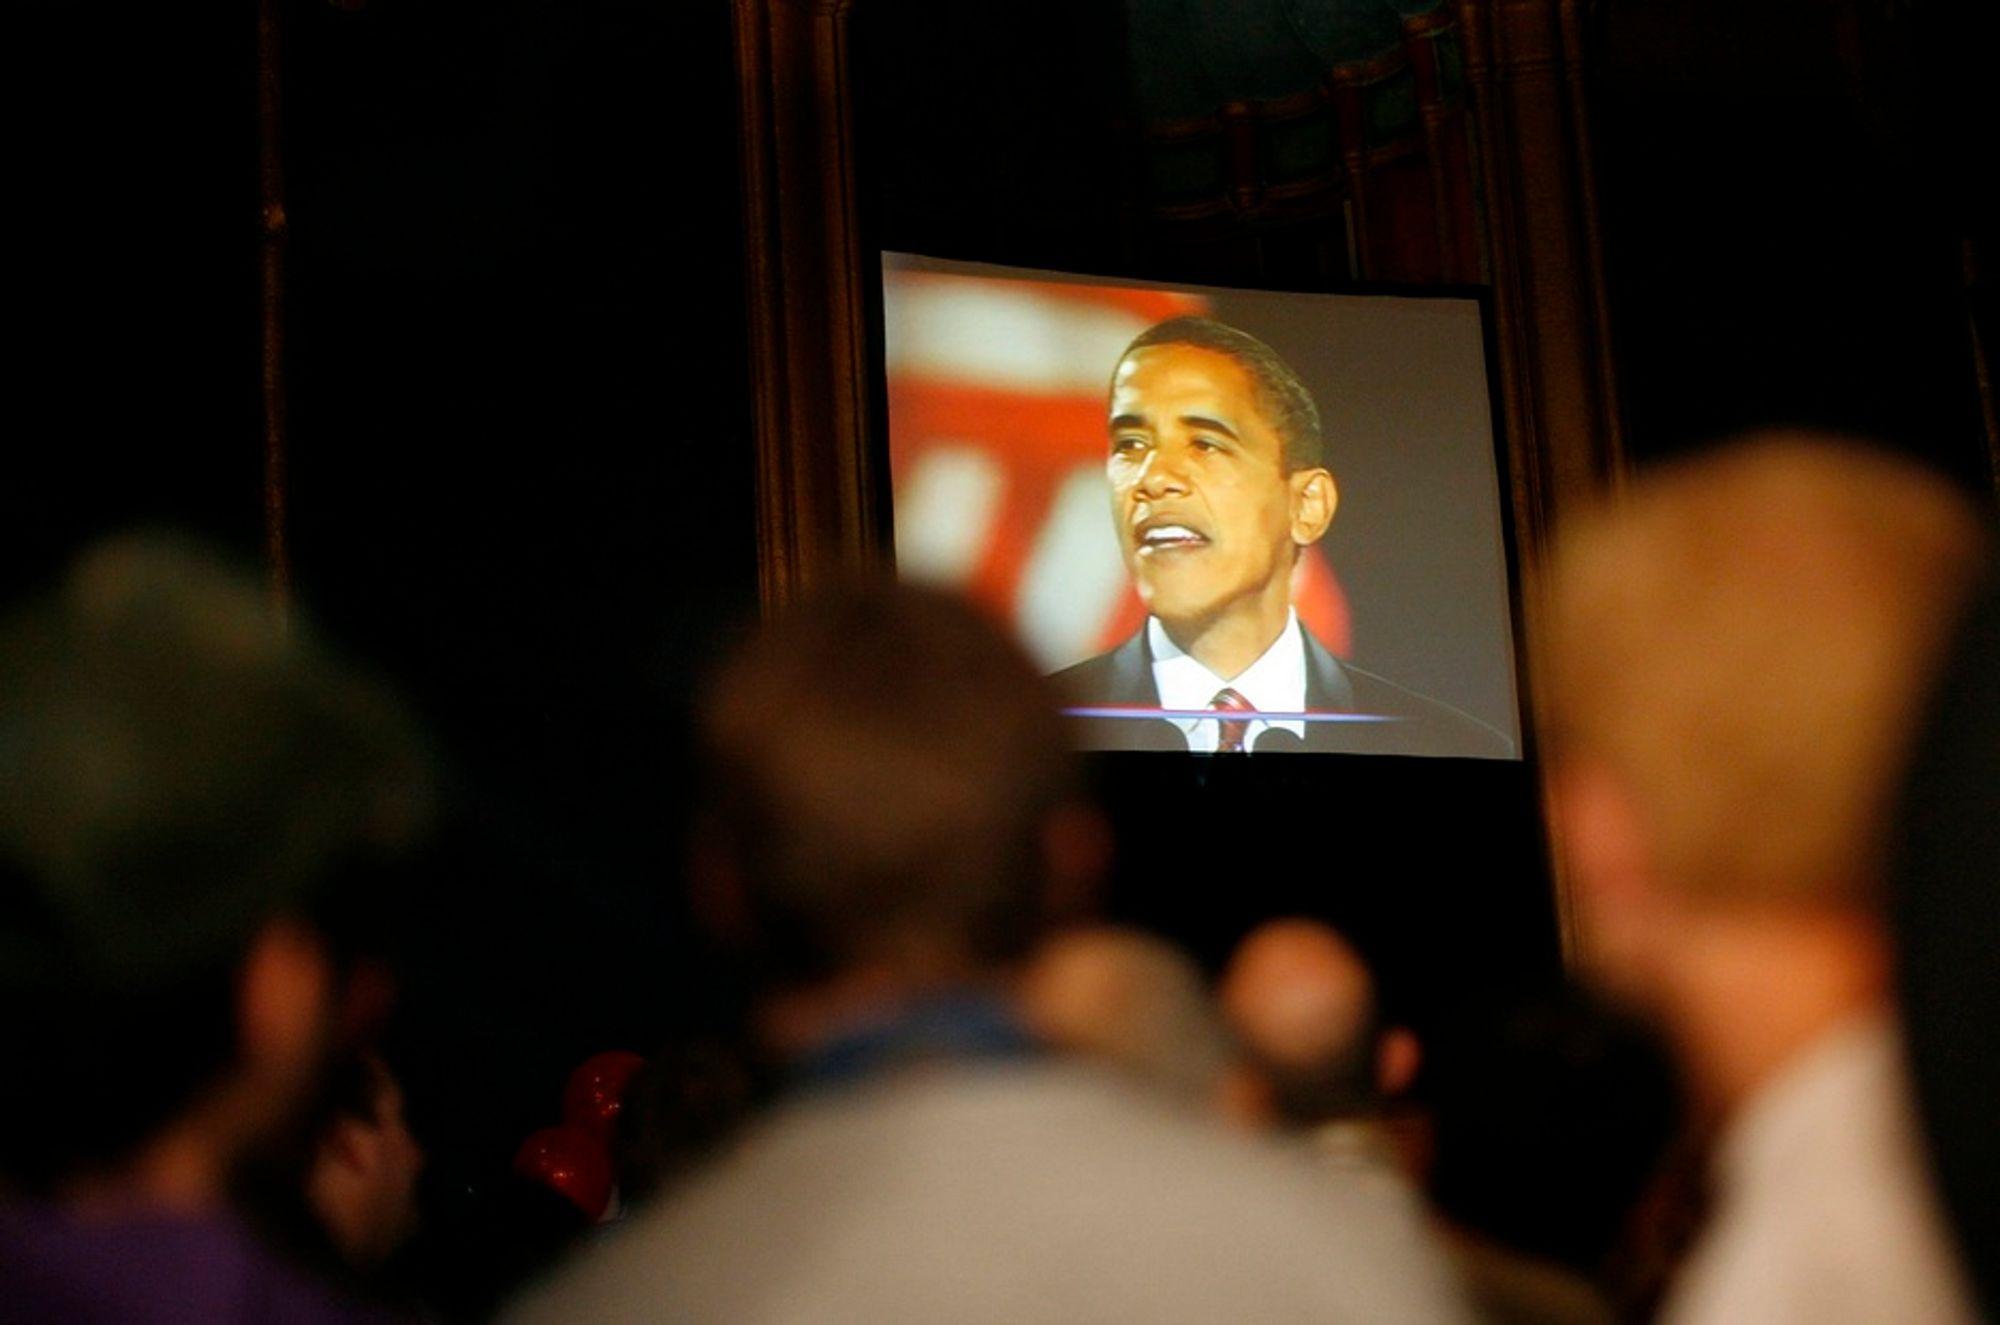 Utnyttet. Barack Obama blir forsøkt utnyttet av datakriminelle i Ukraina.